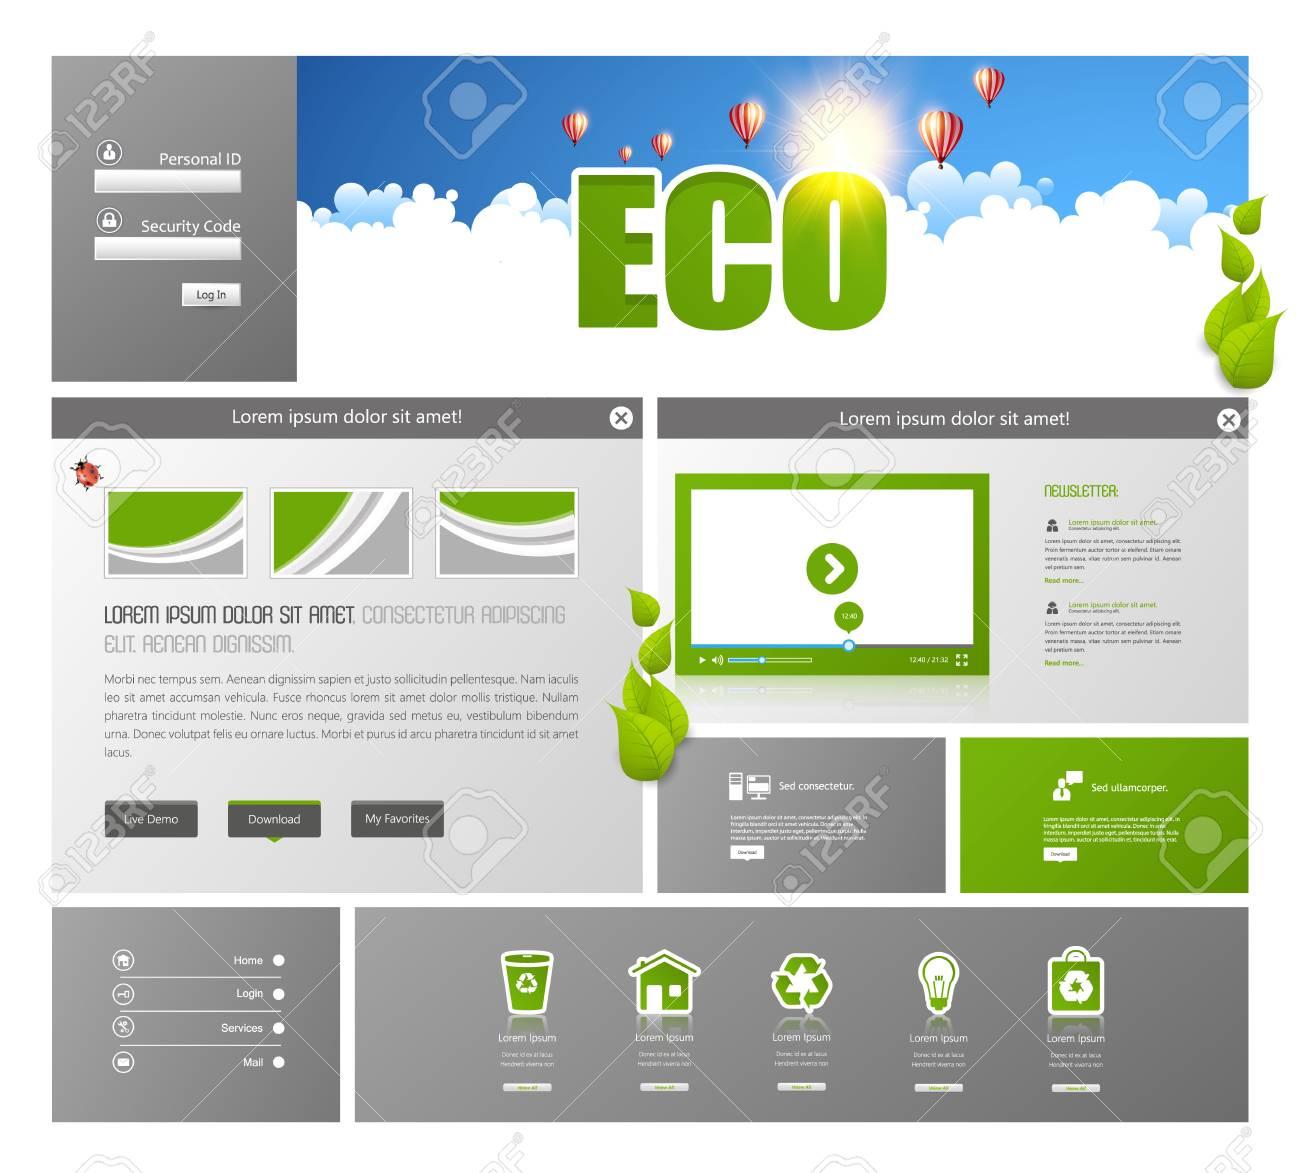 Ausgezeichnet Website Vorlagen Layouts Fotos - Beispiel Business ...